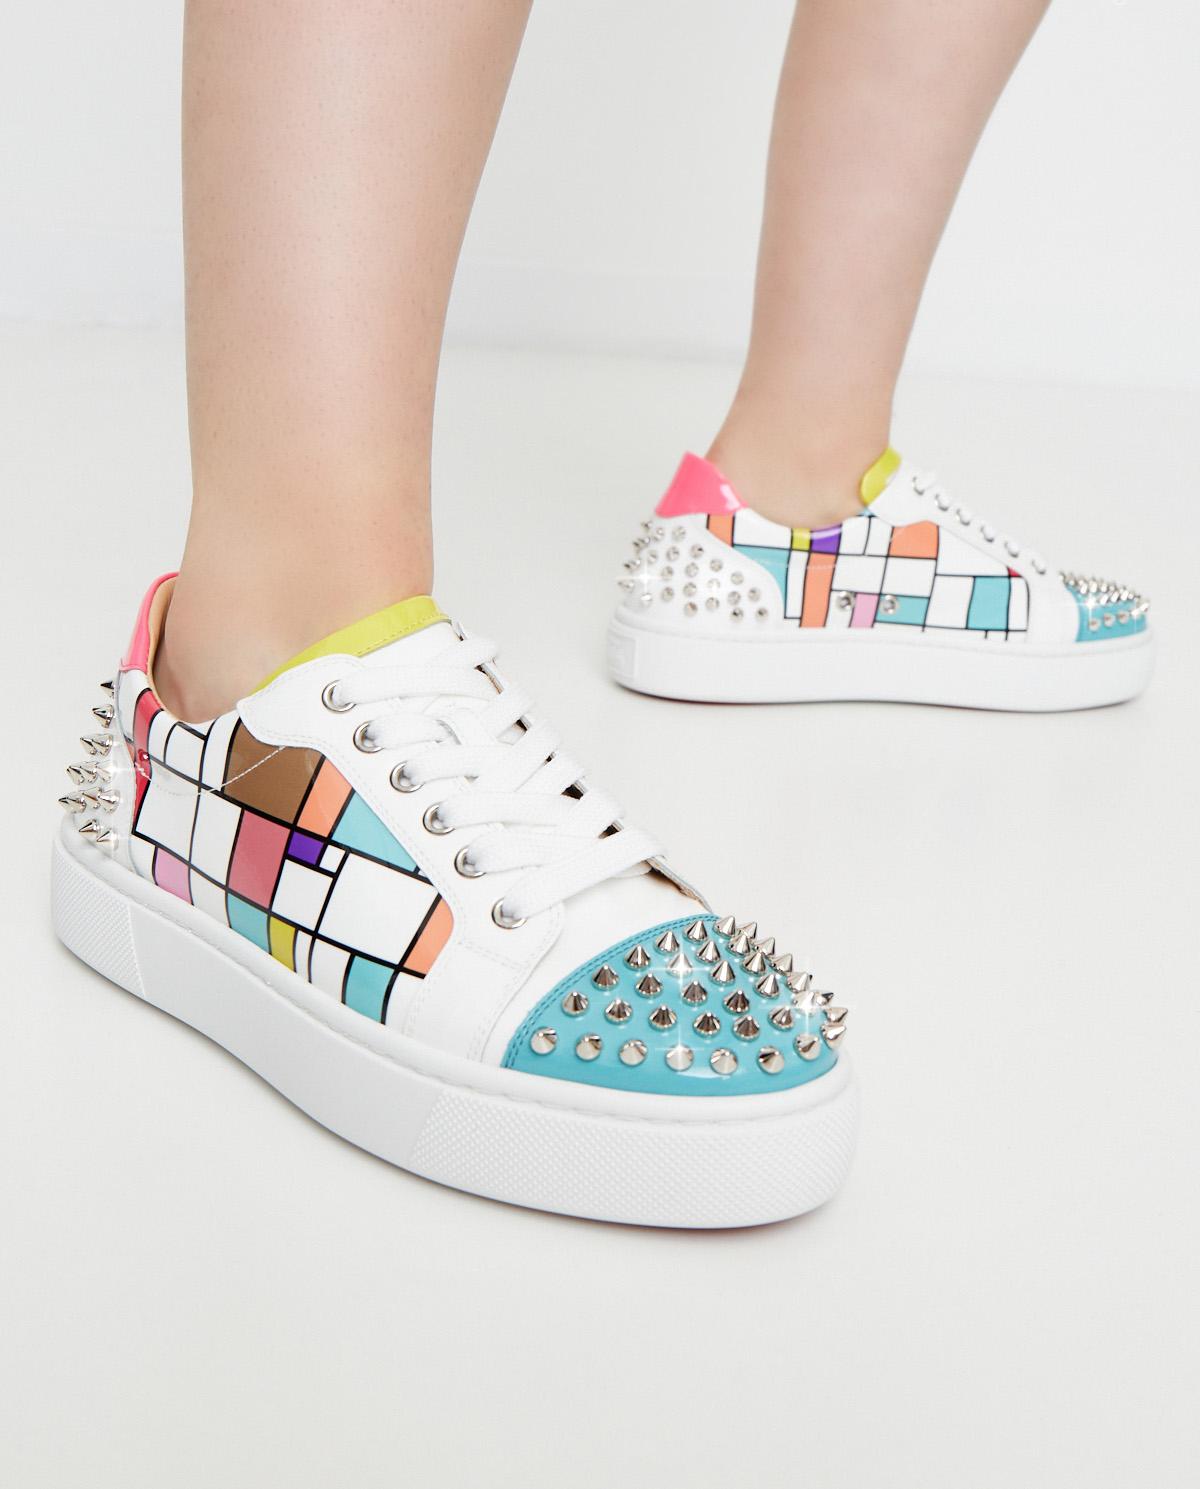 Kolorowe sneakersy Vieirissima 2 Christian Louboutin 3200158 VIEIRISSIMA 2 CMA3